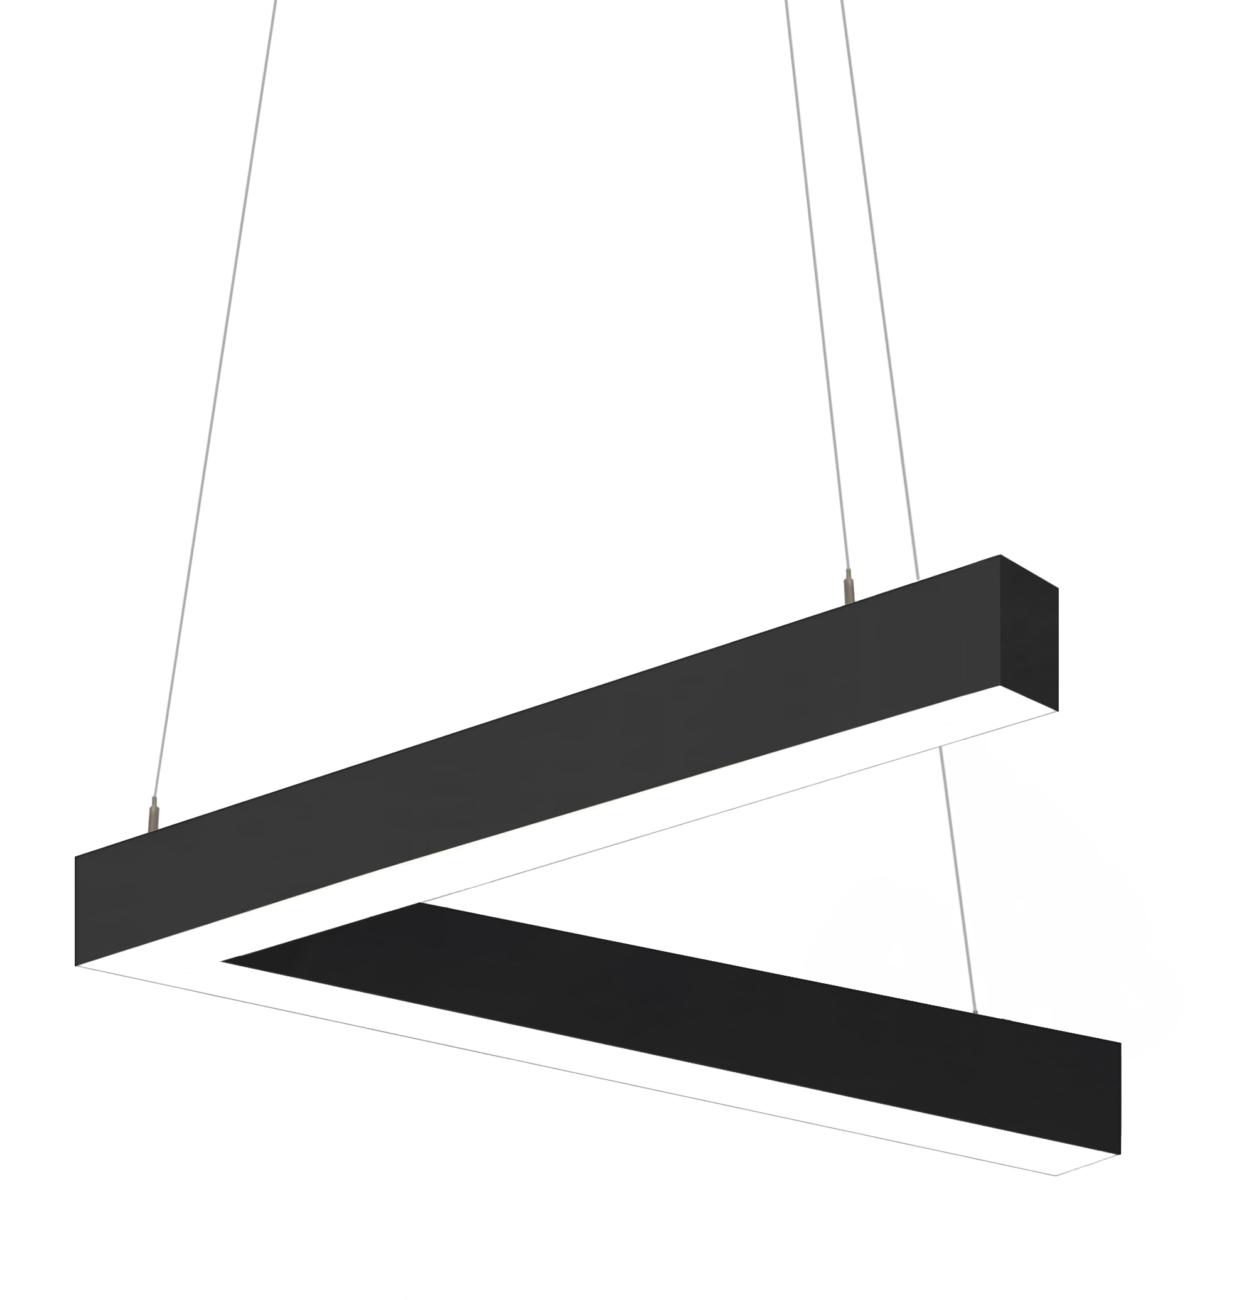 Светильник Style-5070. 500×1000мм. 4000К/3000К. 26W/54W купить во Владимире